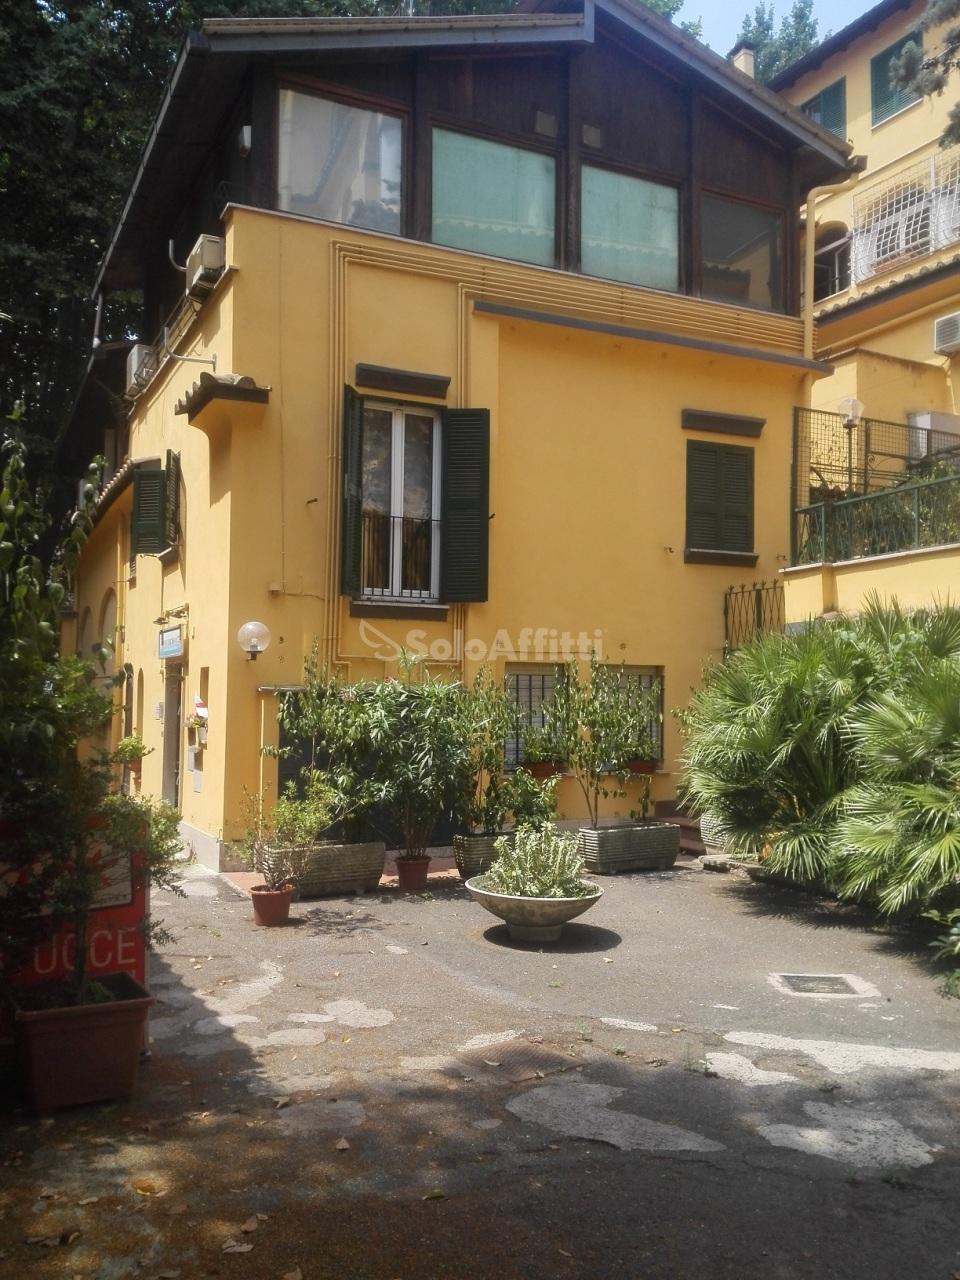 roma affitto quart: parioli-pinciano casa-city-s.r.l.s.-unipersonale